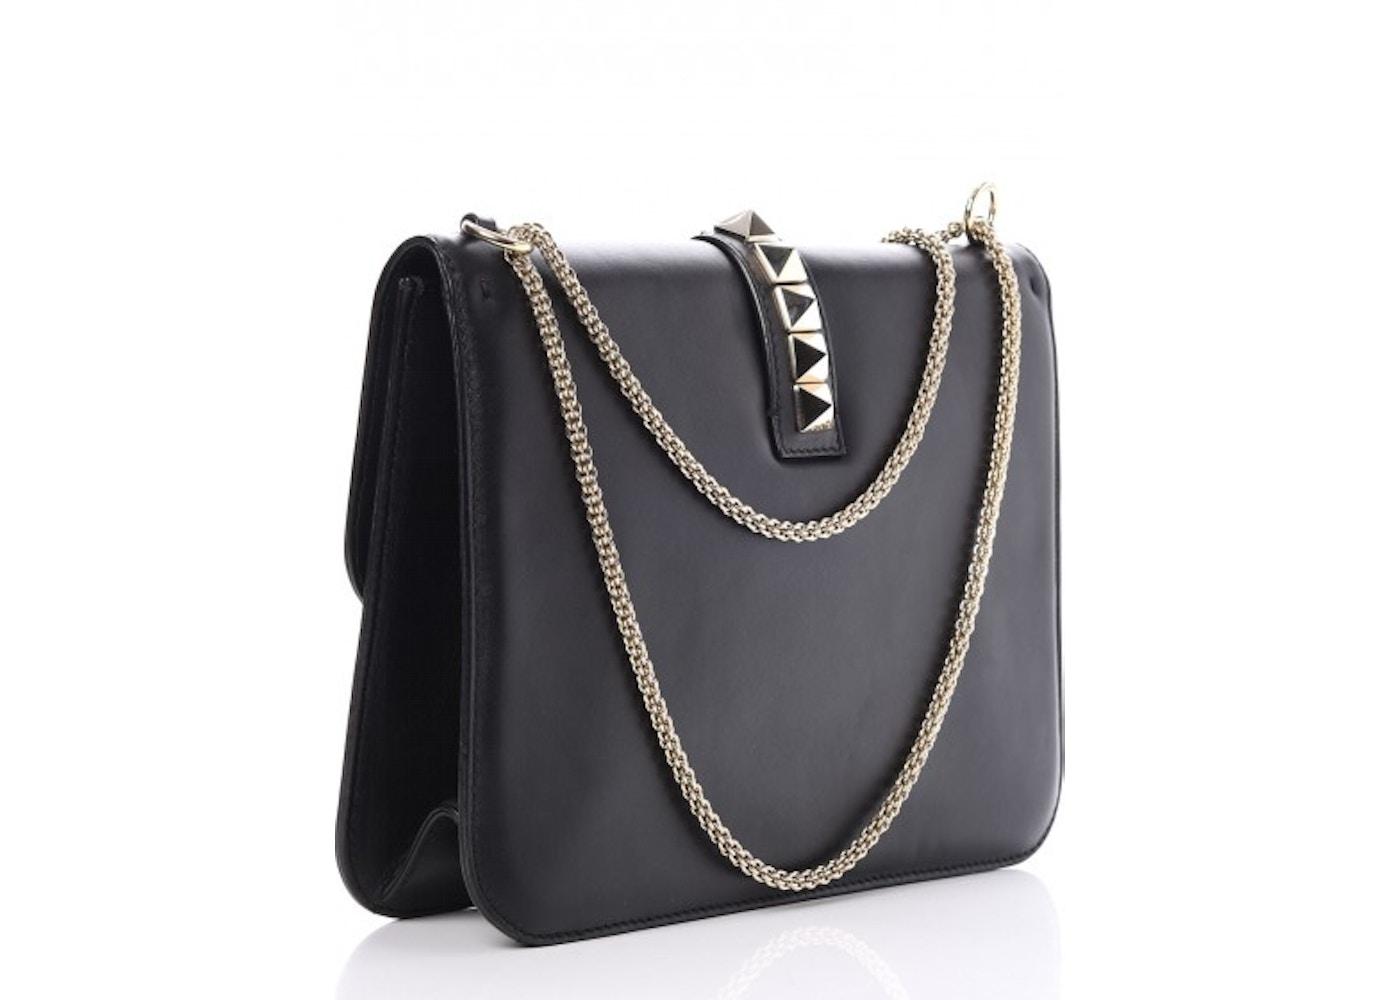 a745d5bb0ca1 Valentino Glam Lock Rockstud Flap Large Black